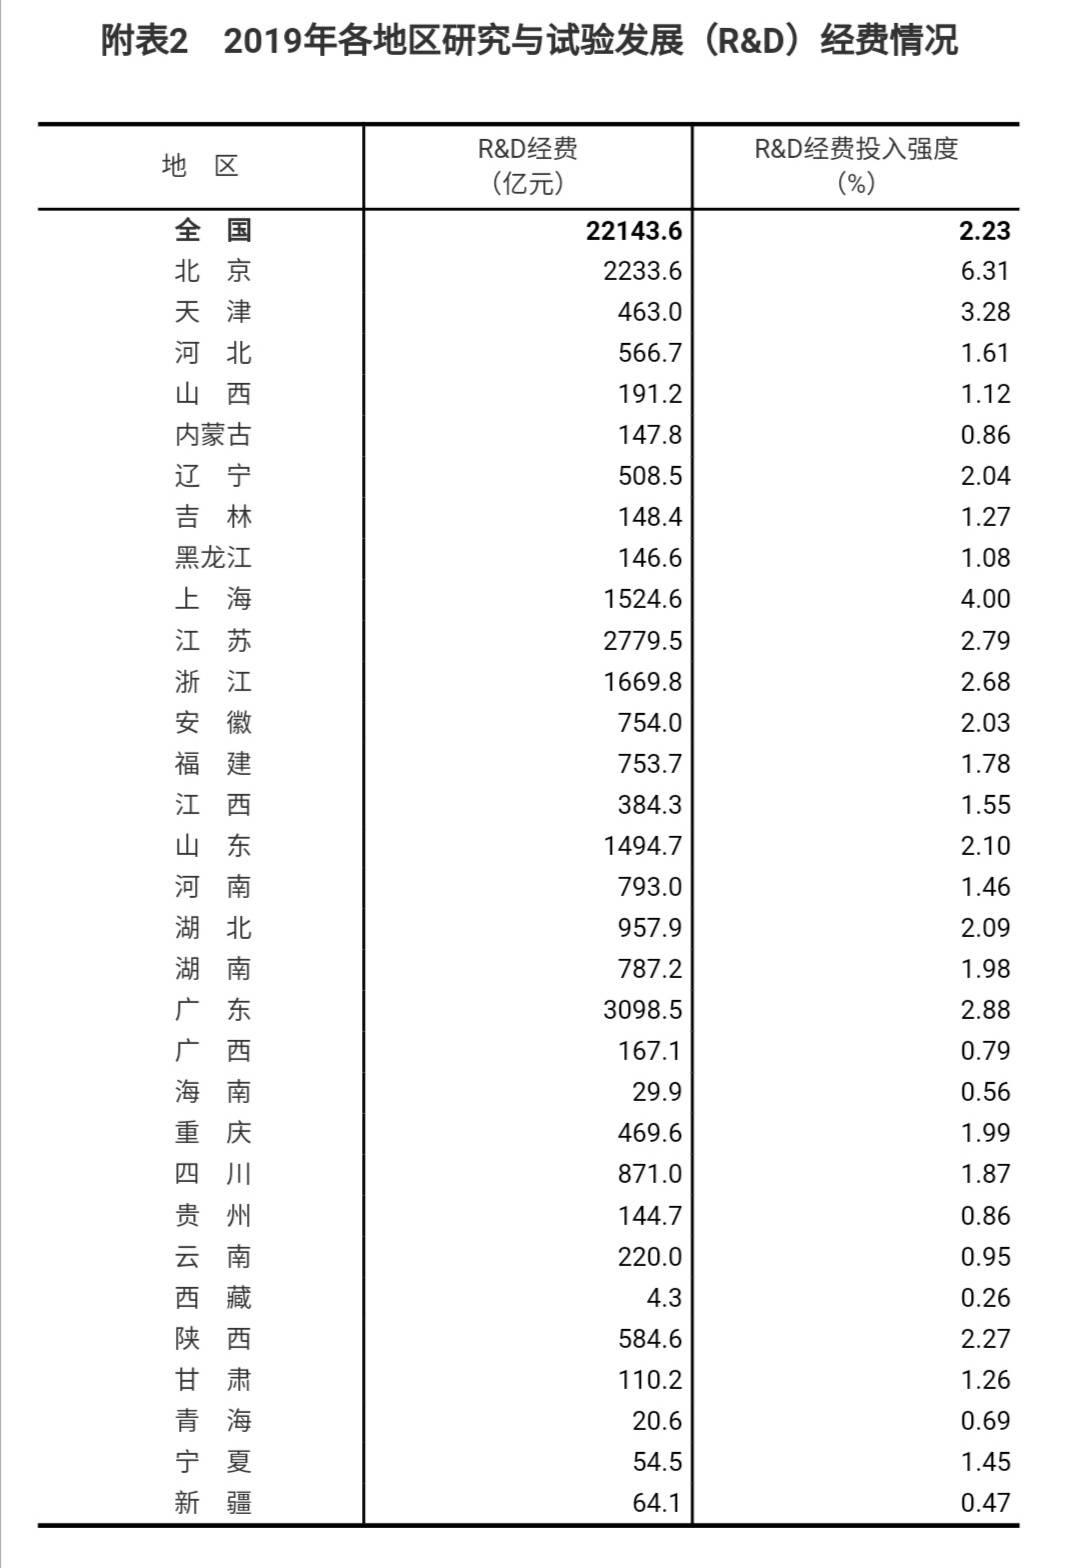 国家统计局:2019年,全国六省市研发和实验发展投入超过1000亿,广东排名第一